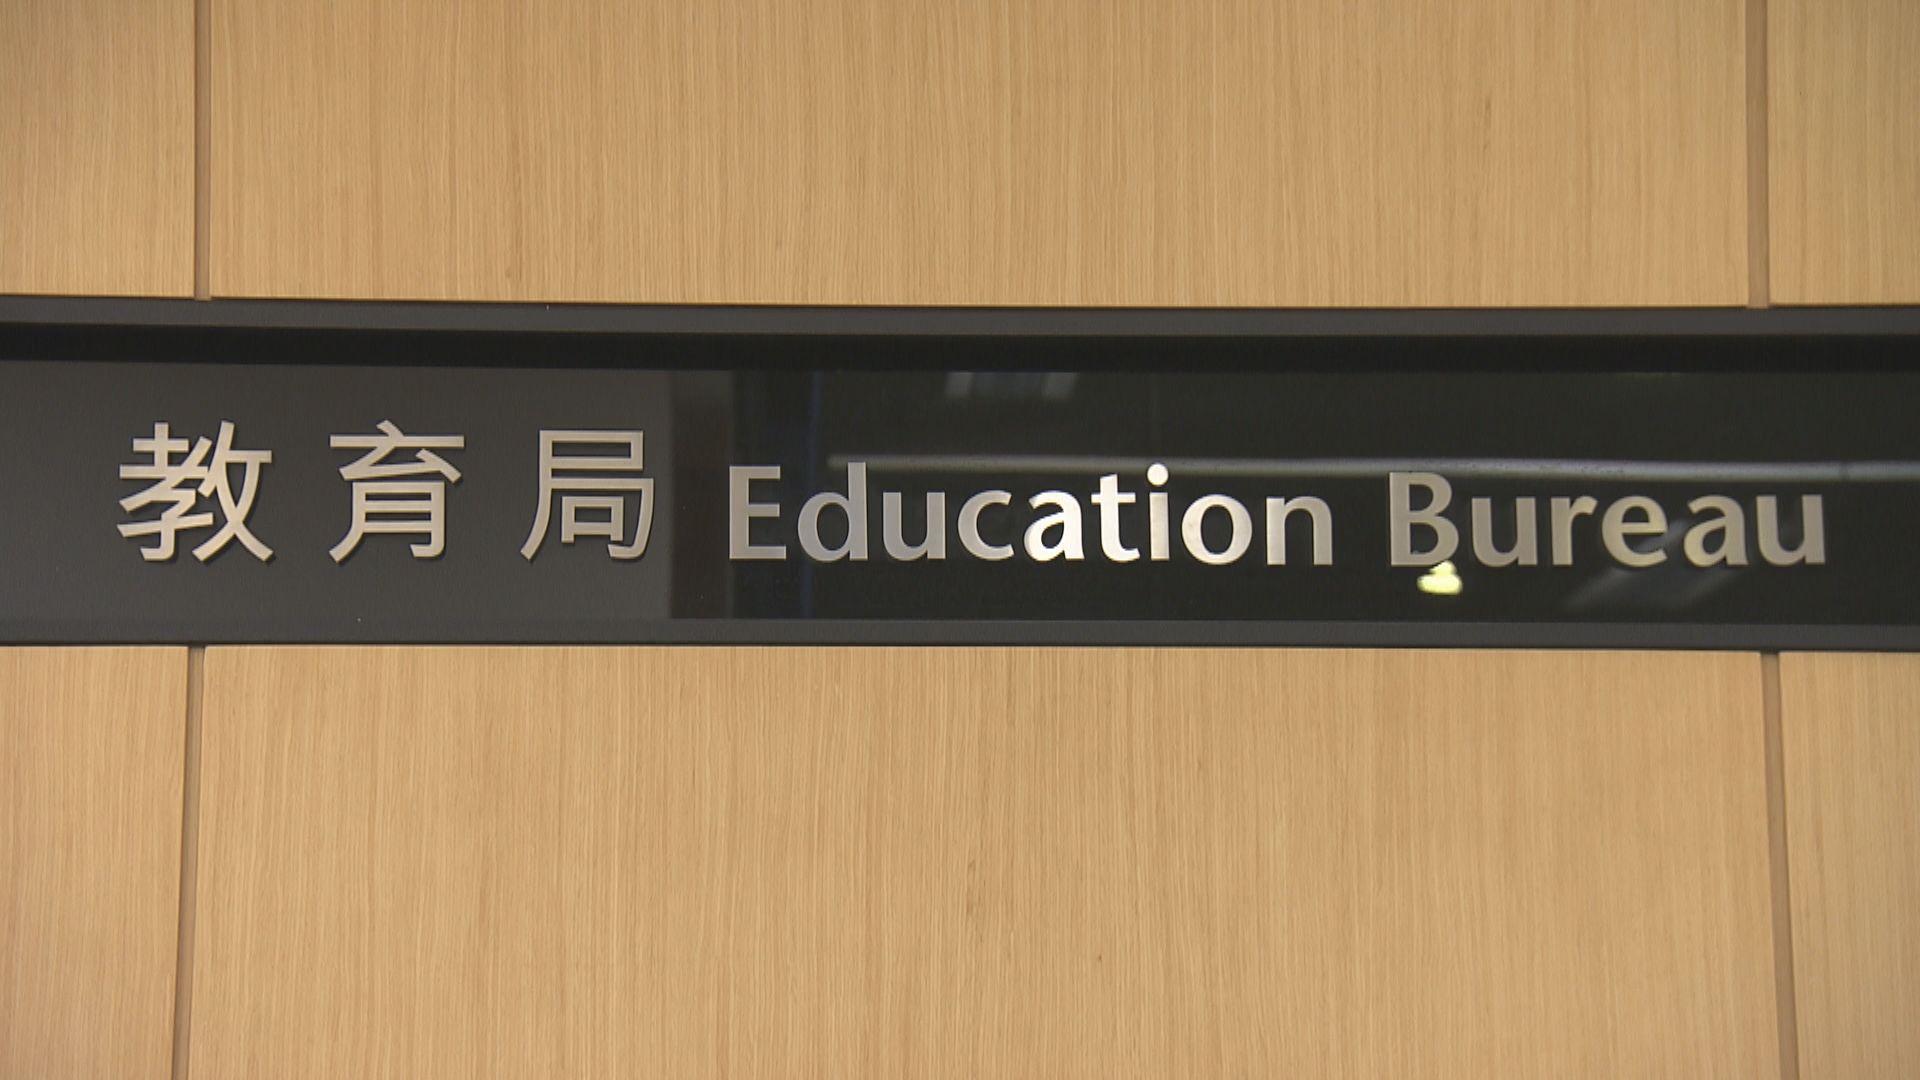 楊潤雄:確實復課日期有待進一步評估